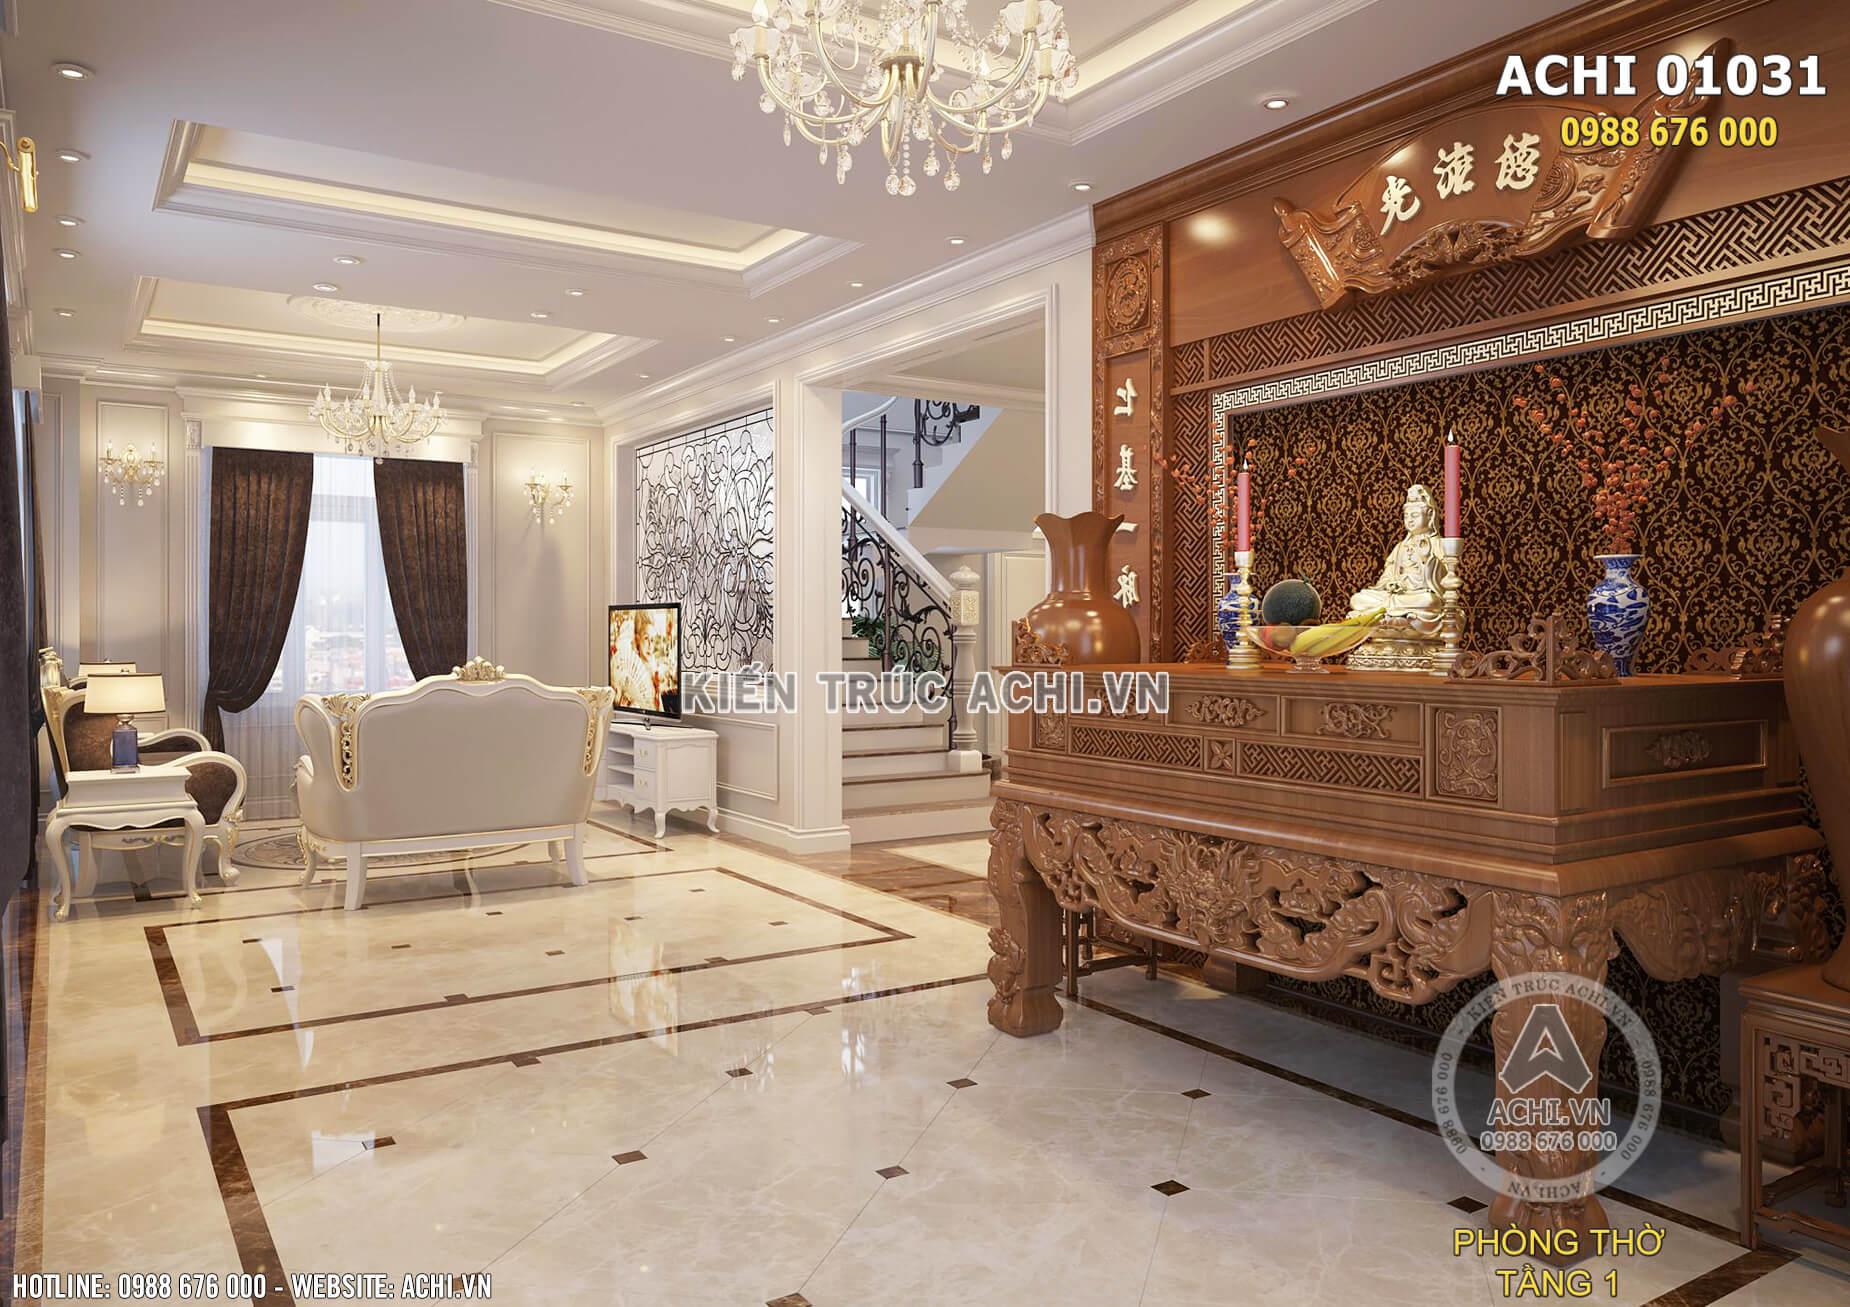 Mẫu thiết kế nội thất phòng thờ tân cổ điển đẹp nhẹ nhàng tại Hải Phòng